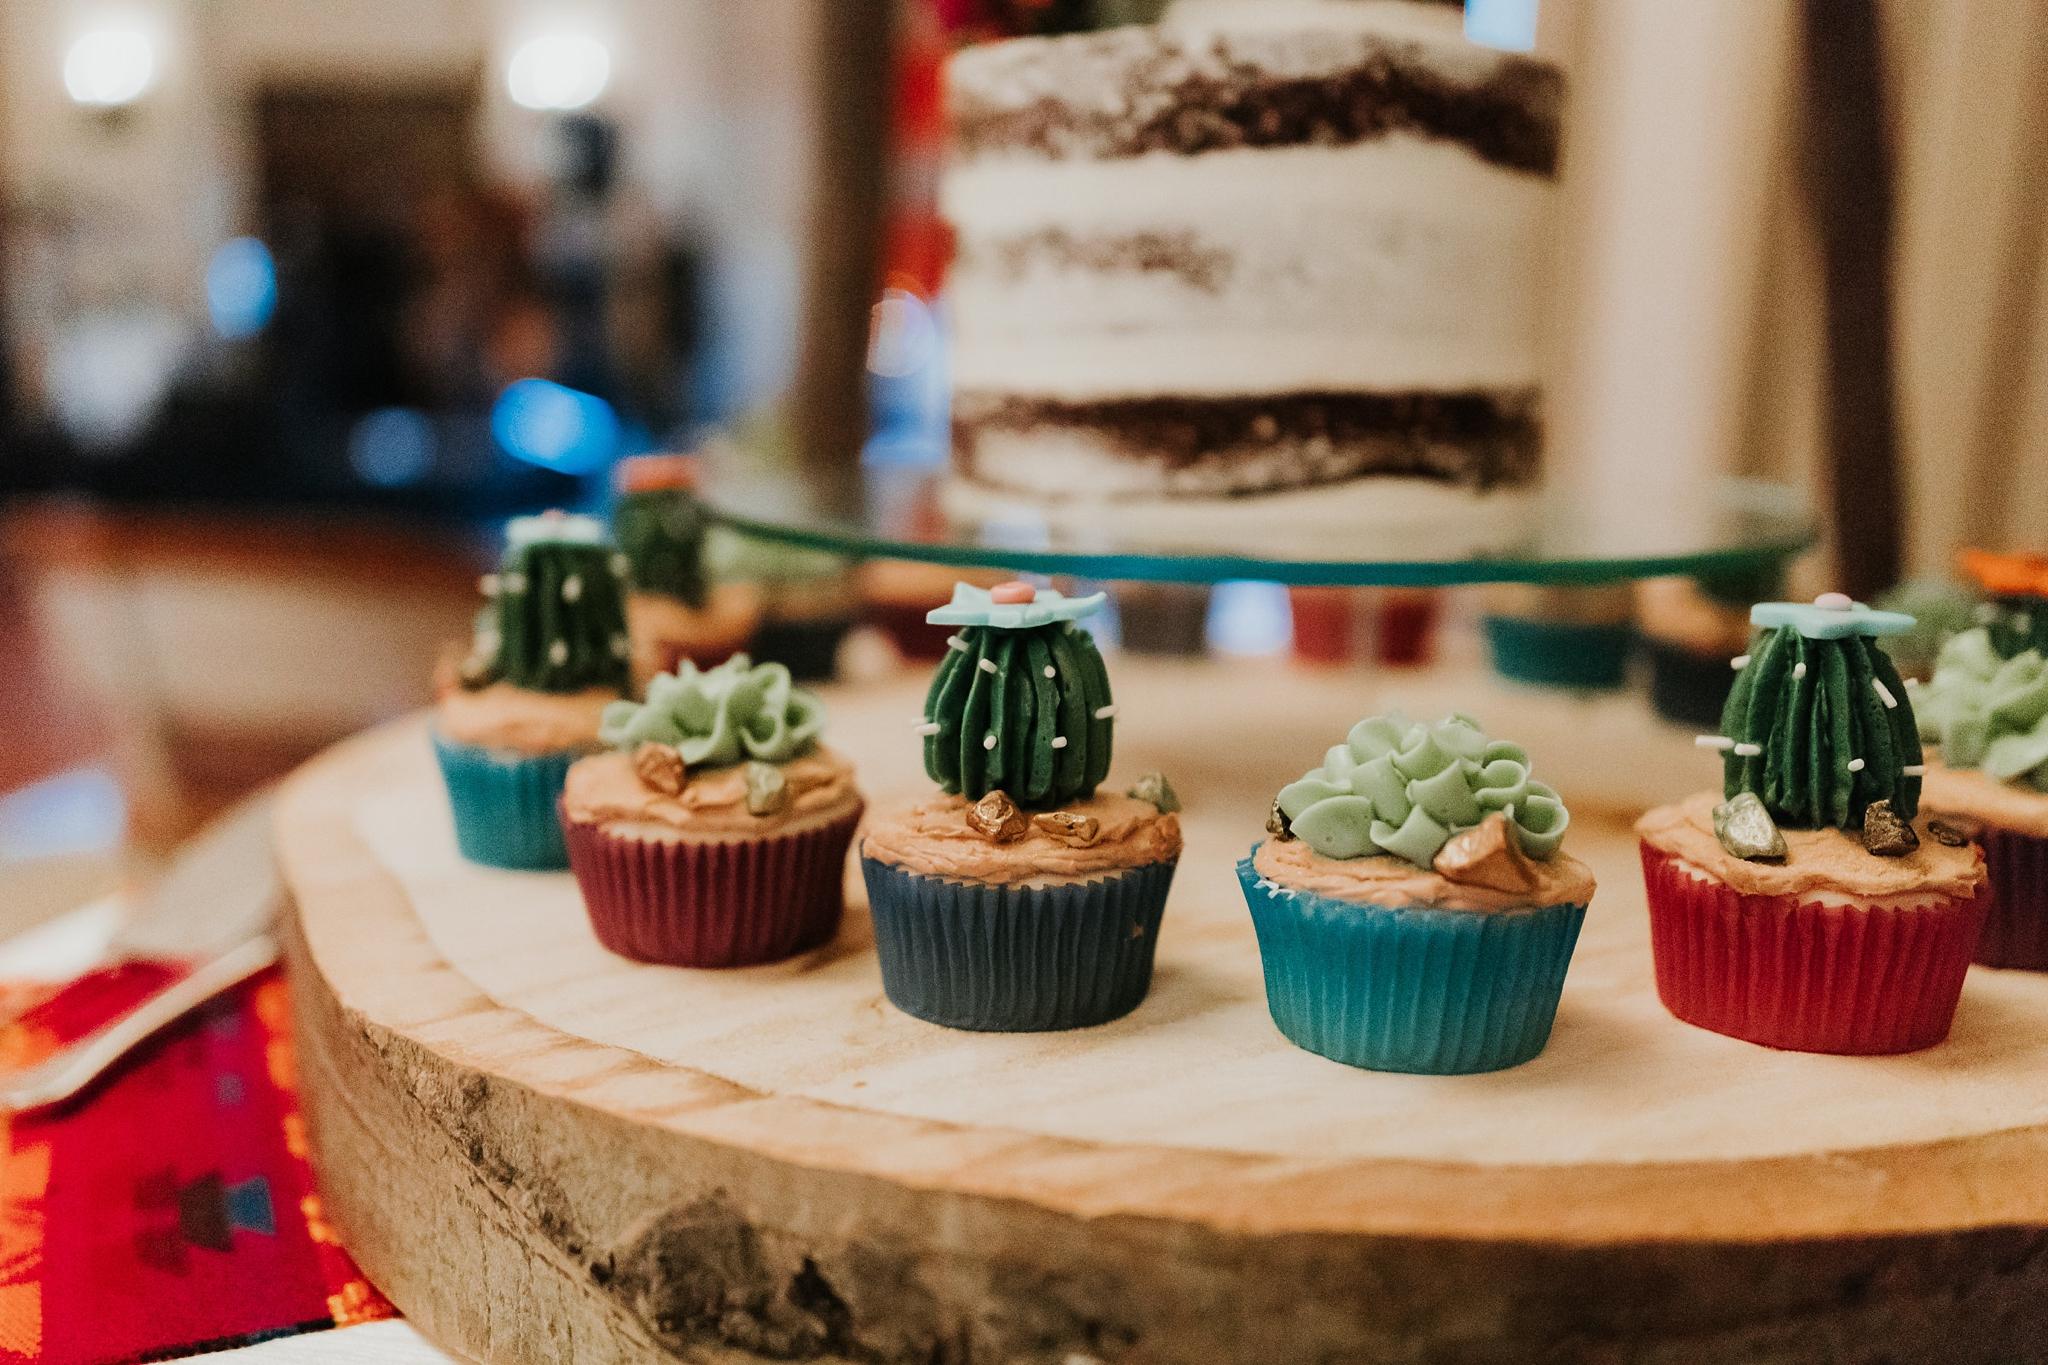 Alicia+lucia+photography+-+albuquerque+wedding+photographer+-+santa+fe+wedding+photography+-+new+mexico+wedding+photographer+-+new+mexico+wedding+-+wedding+-+winter+wedding+-+wedding+reception+-+winter+wedding+reception_0073.jpg